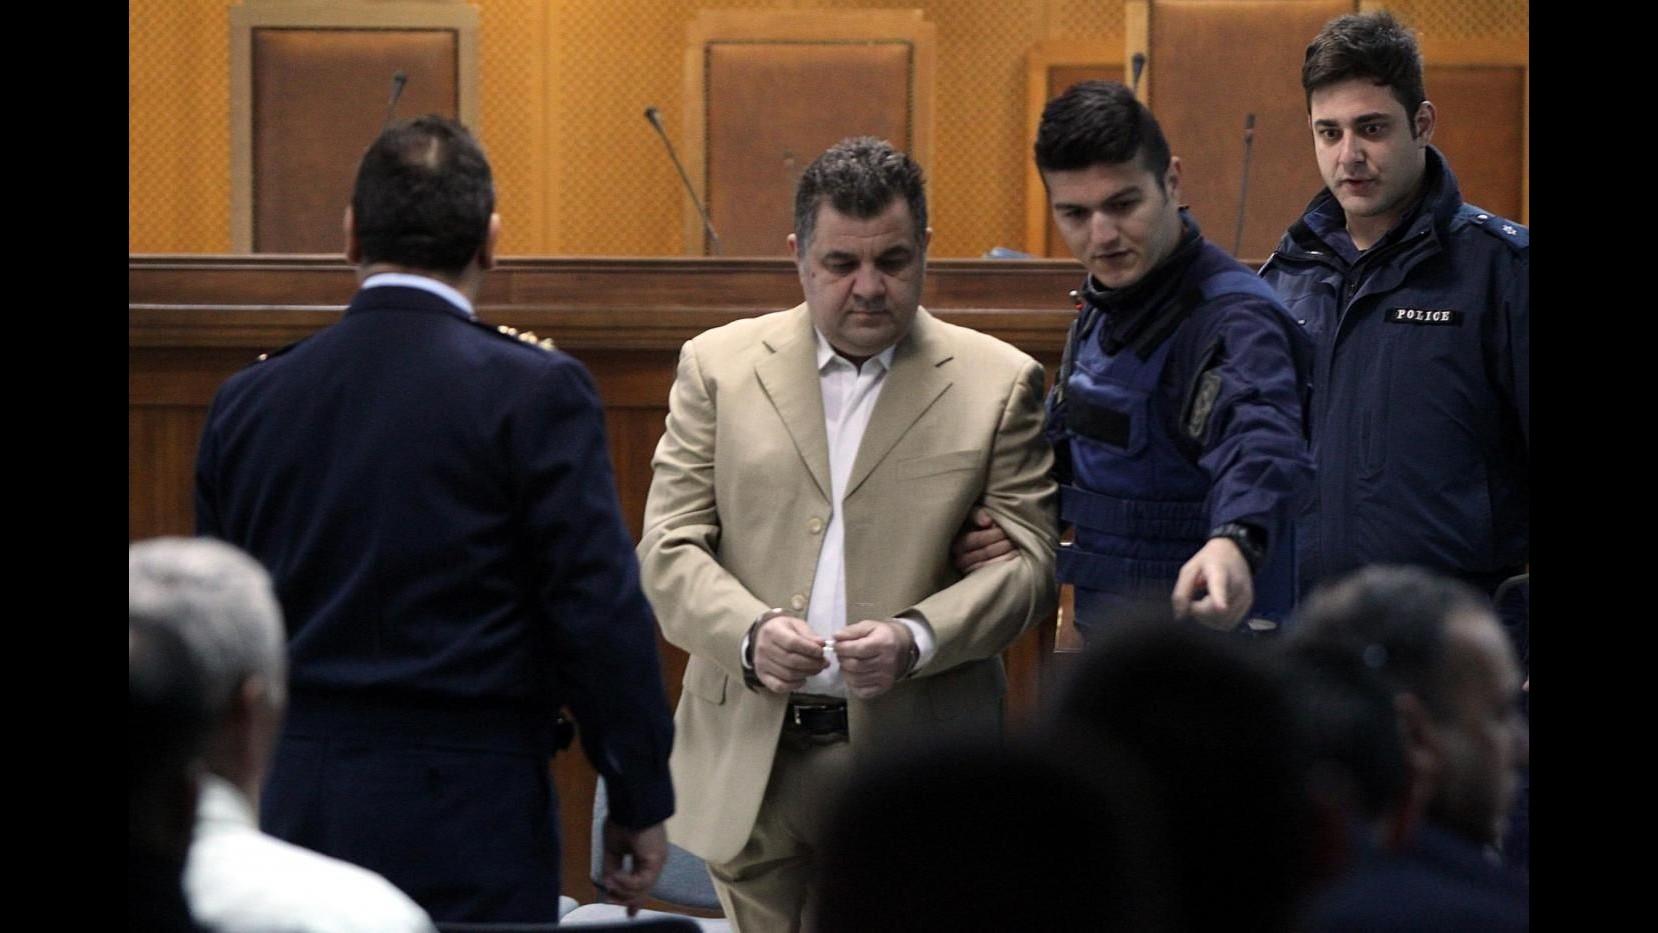 Grecia, omicidio rapper Pavlos Fyssas: Alba dorata riconosce responsabilità politica